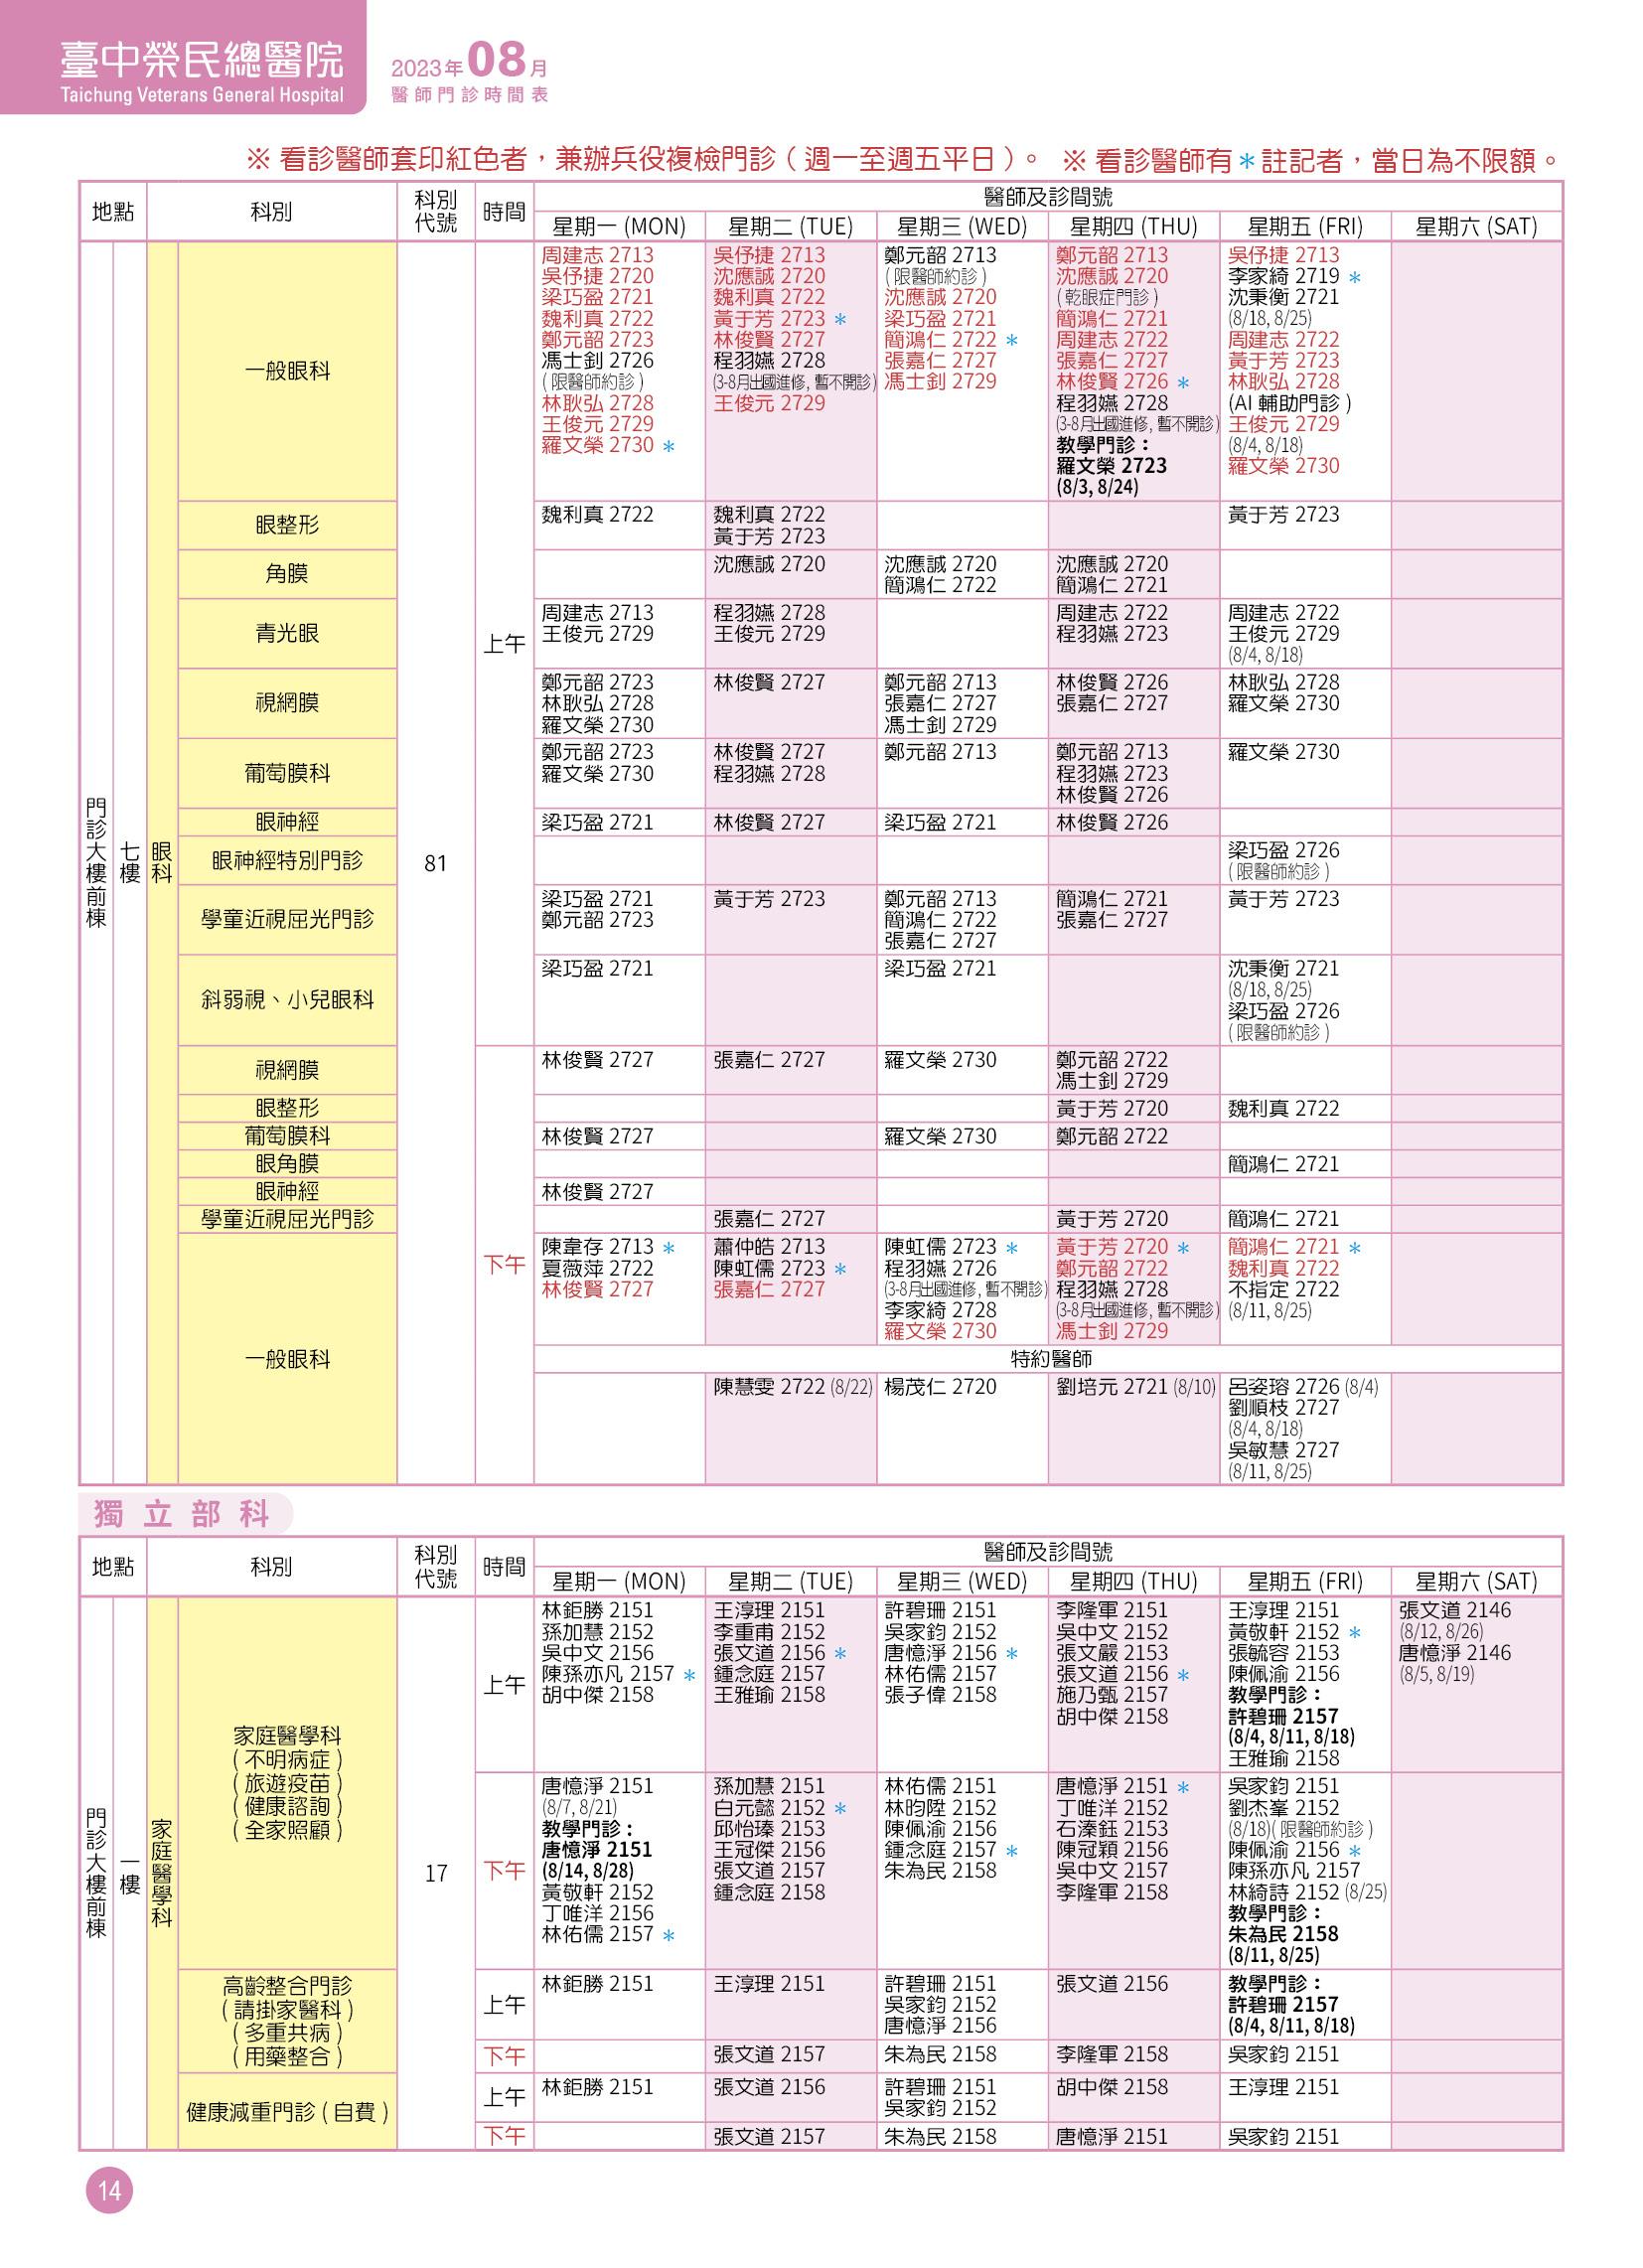 門診時刻表為每月更新,本頁包含(婦科.兒科.五官科),詳細時刻表請參閱PDF檔